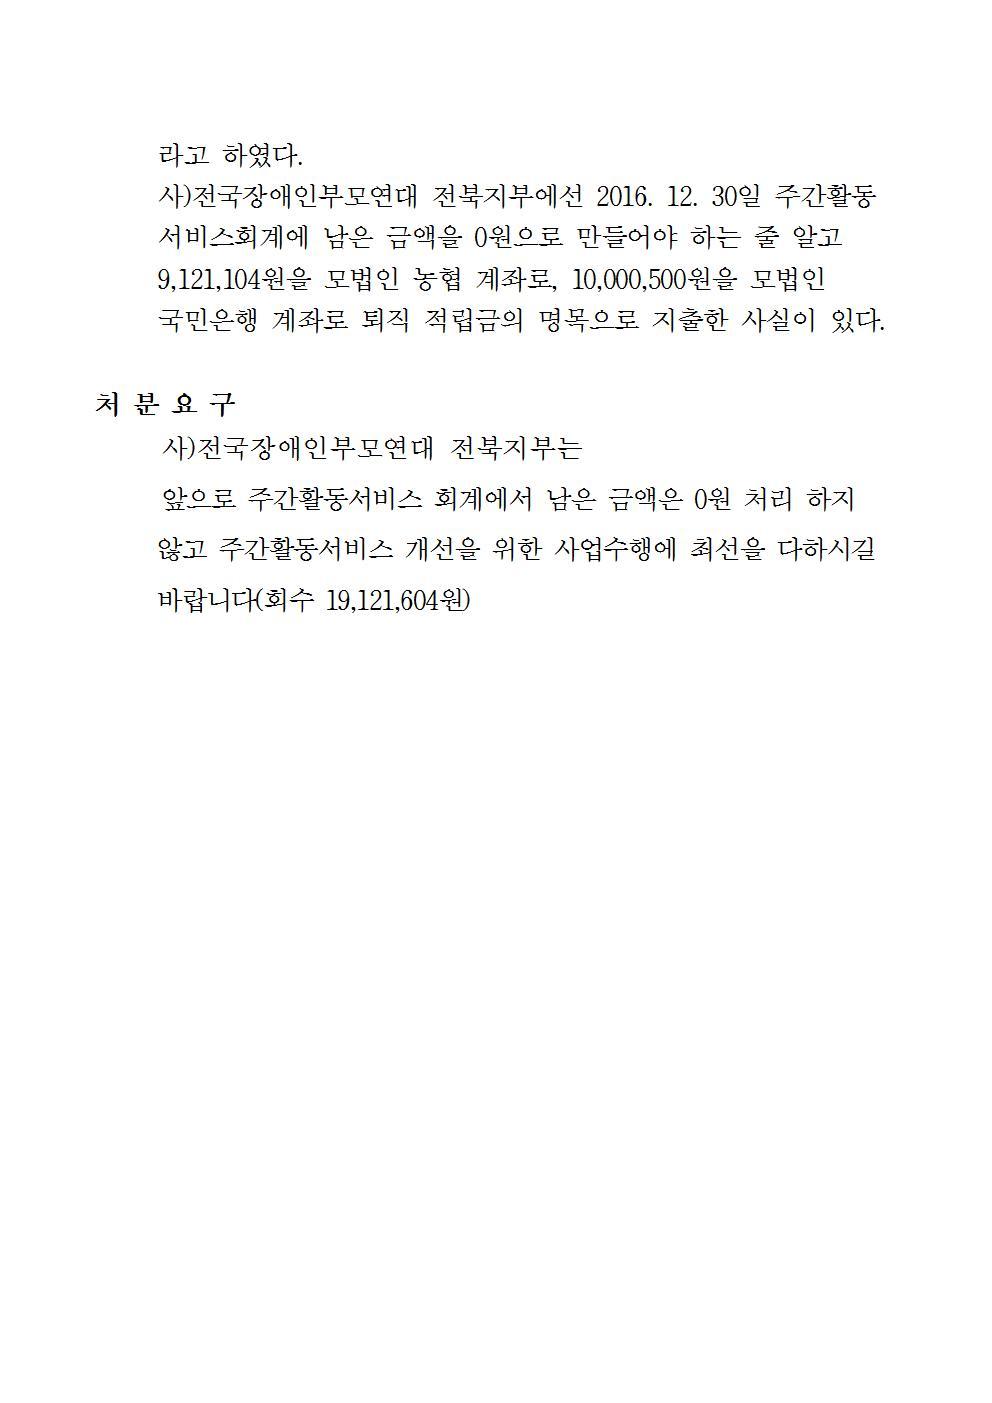 붙임) 처분요구서_전주시 생활복지과-37898(2017.9.1)호(공개용)008.jpg